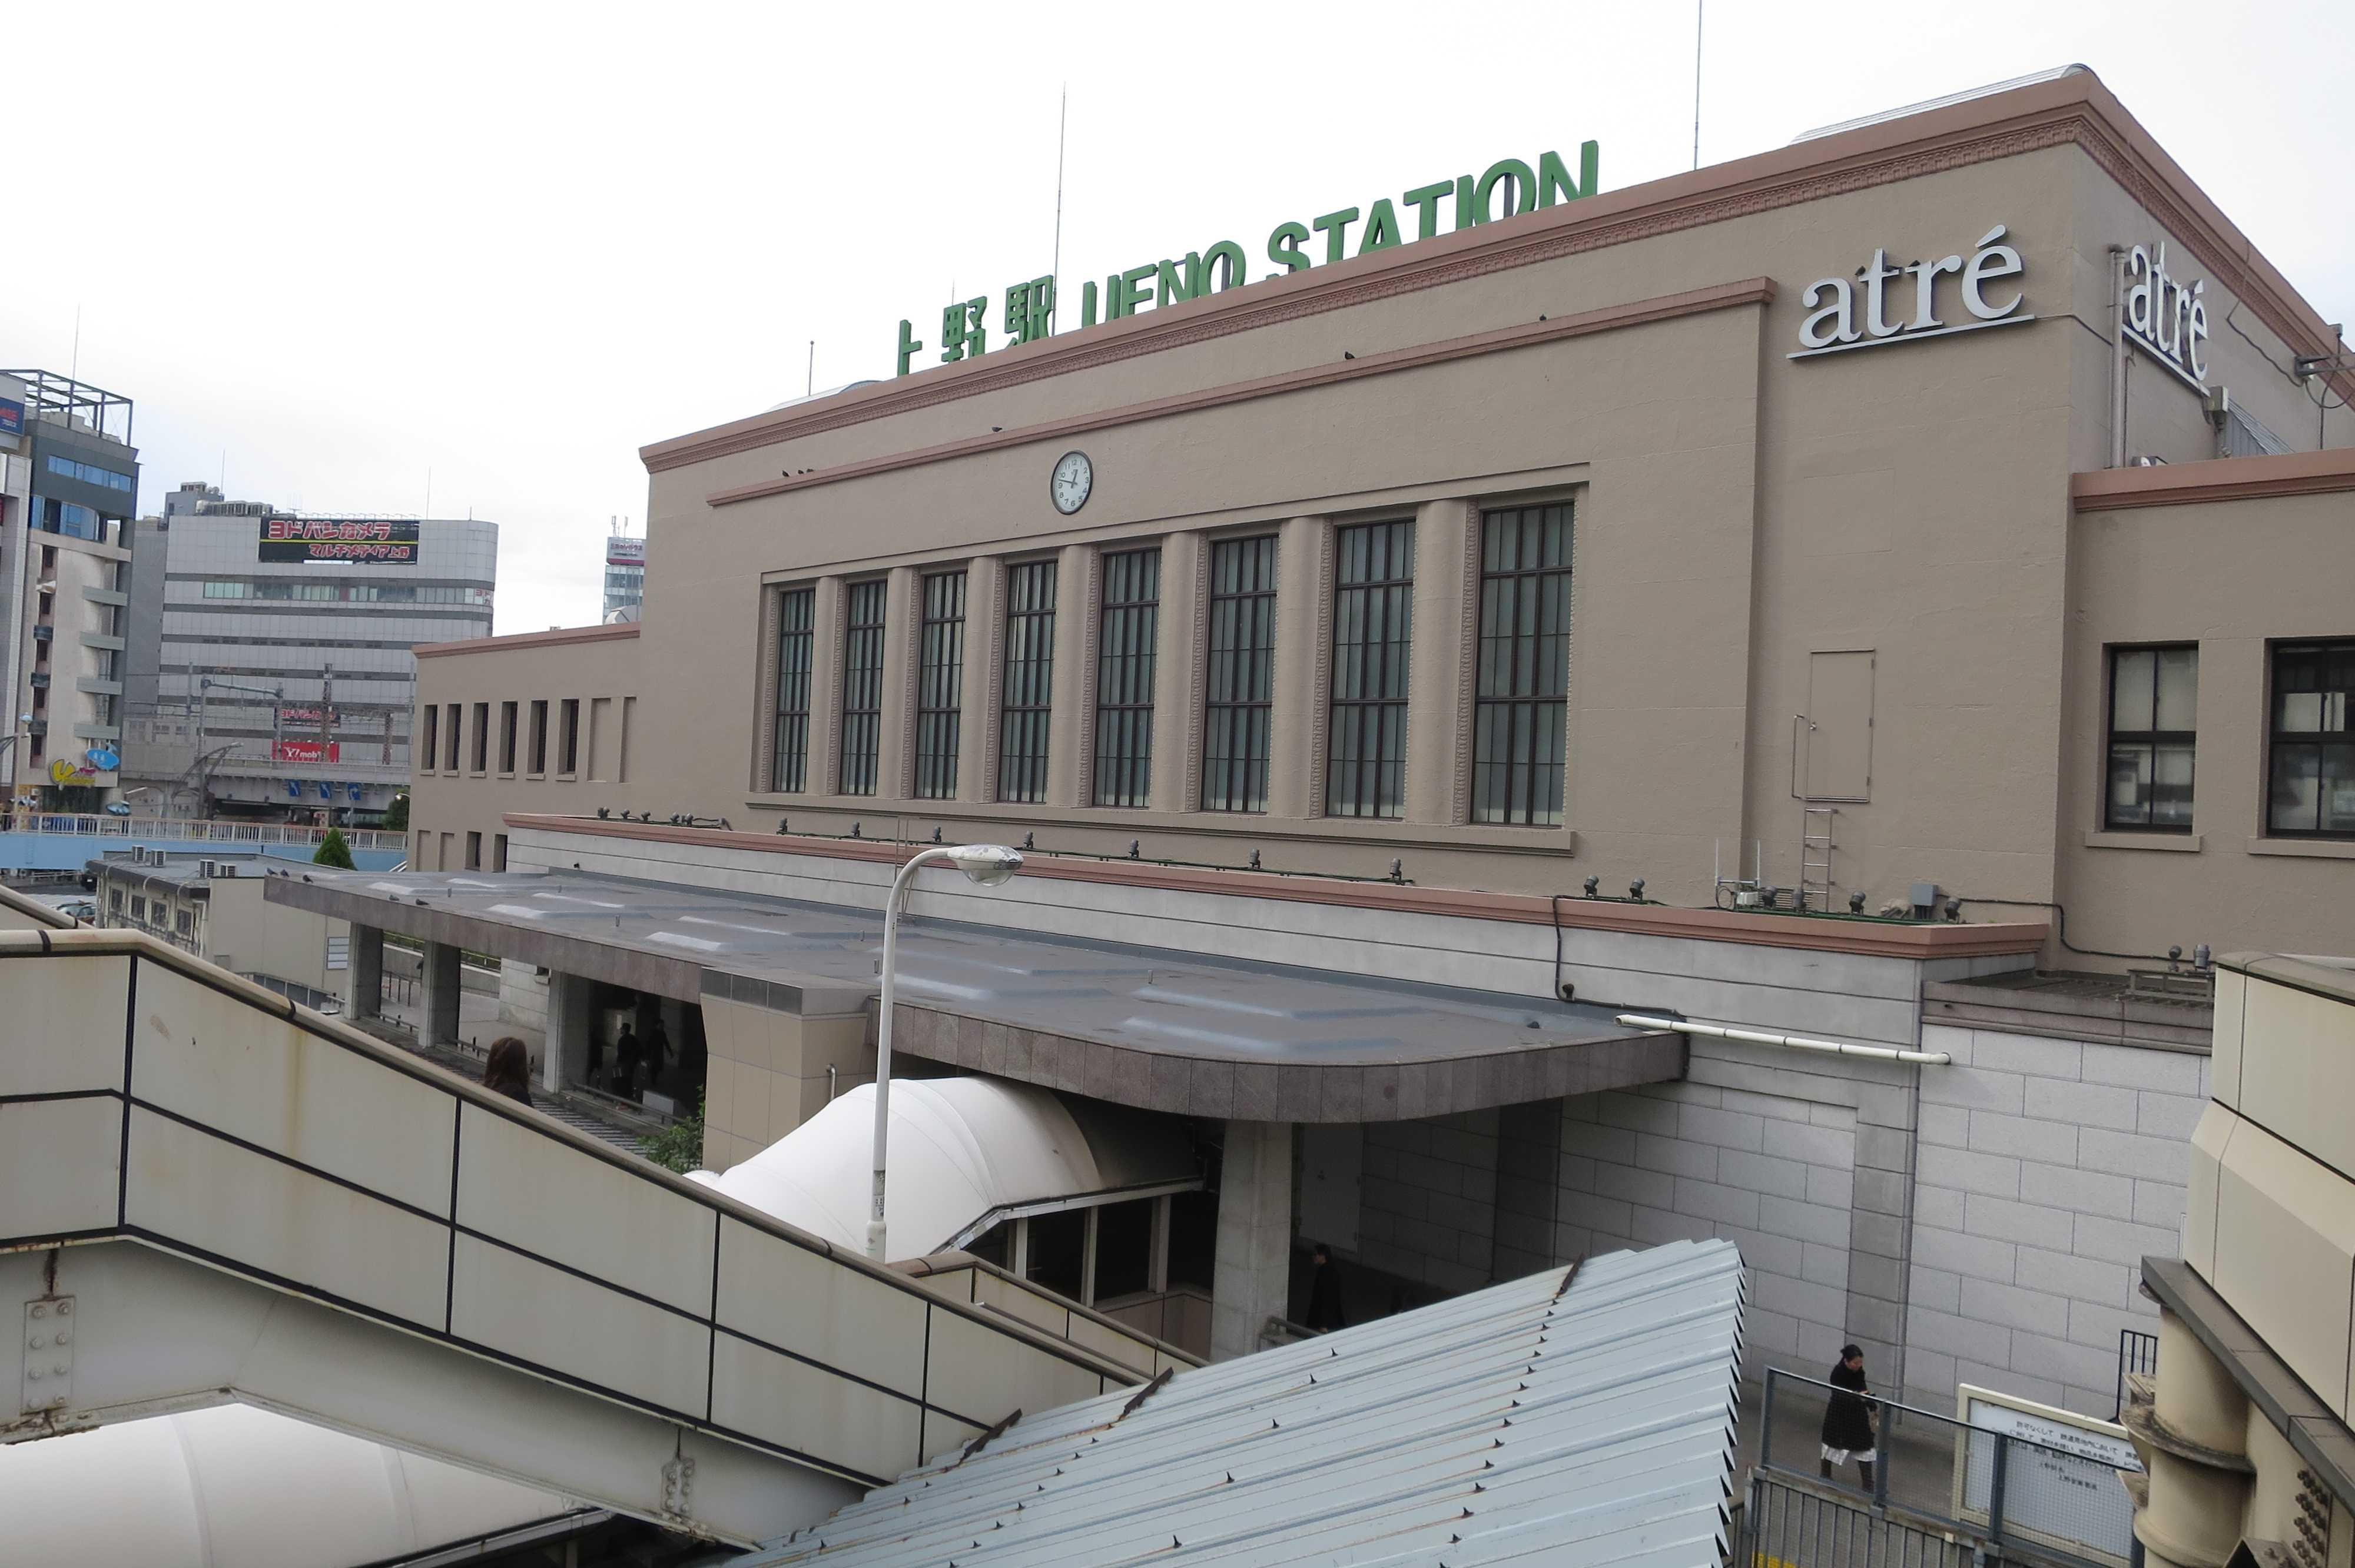 上野駅 UENO STATION